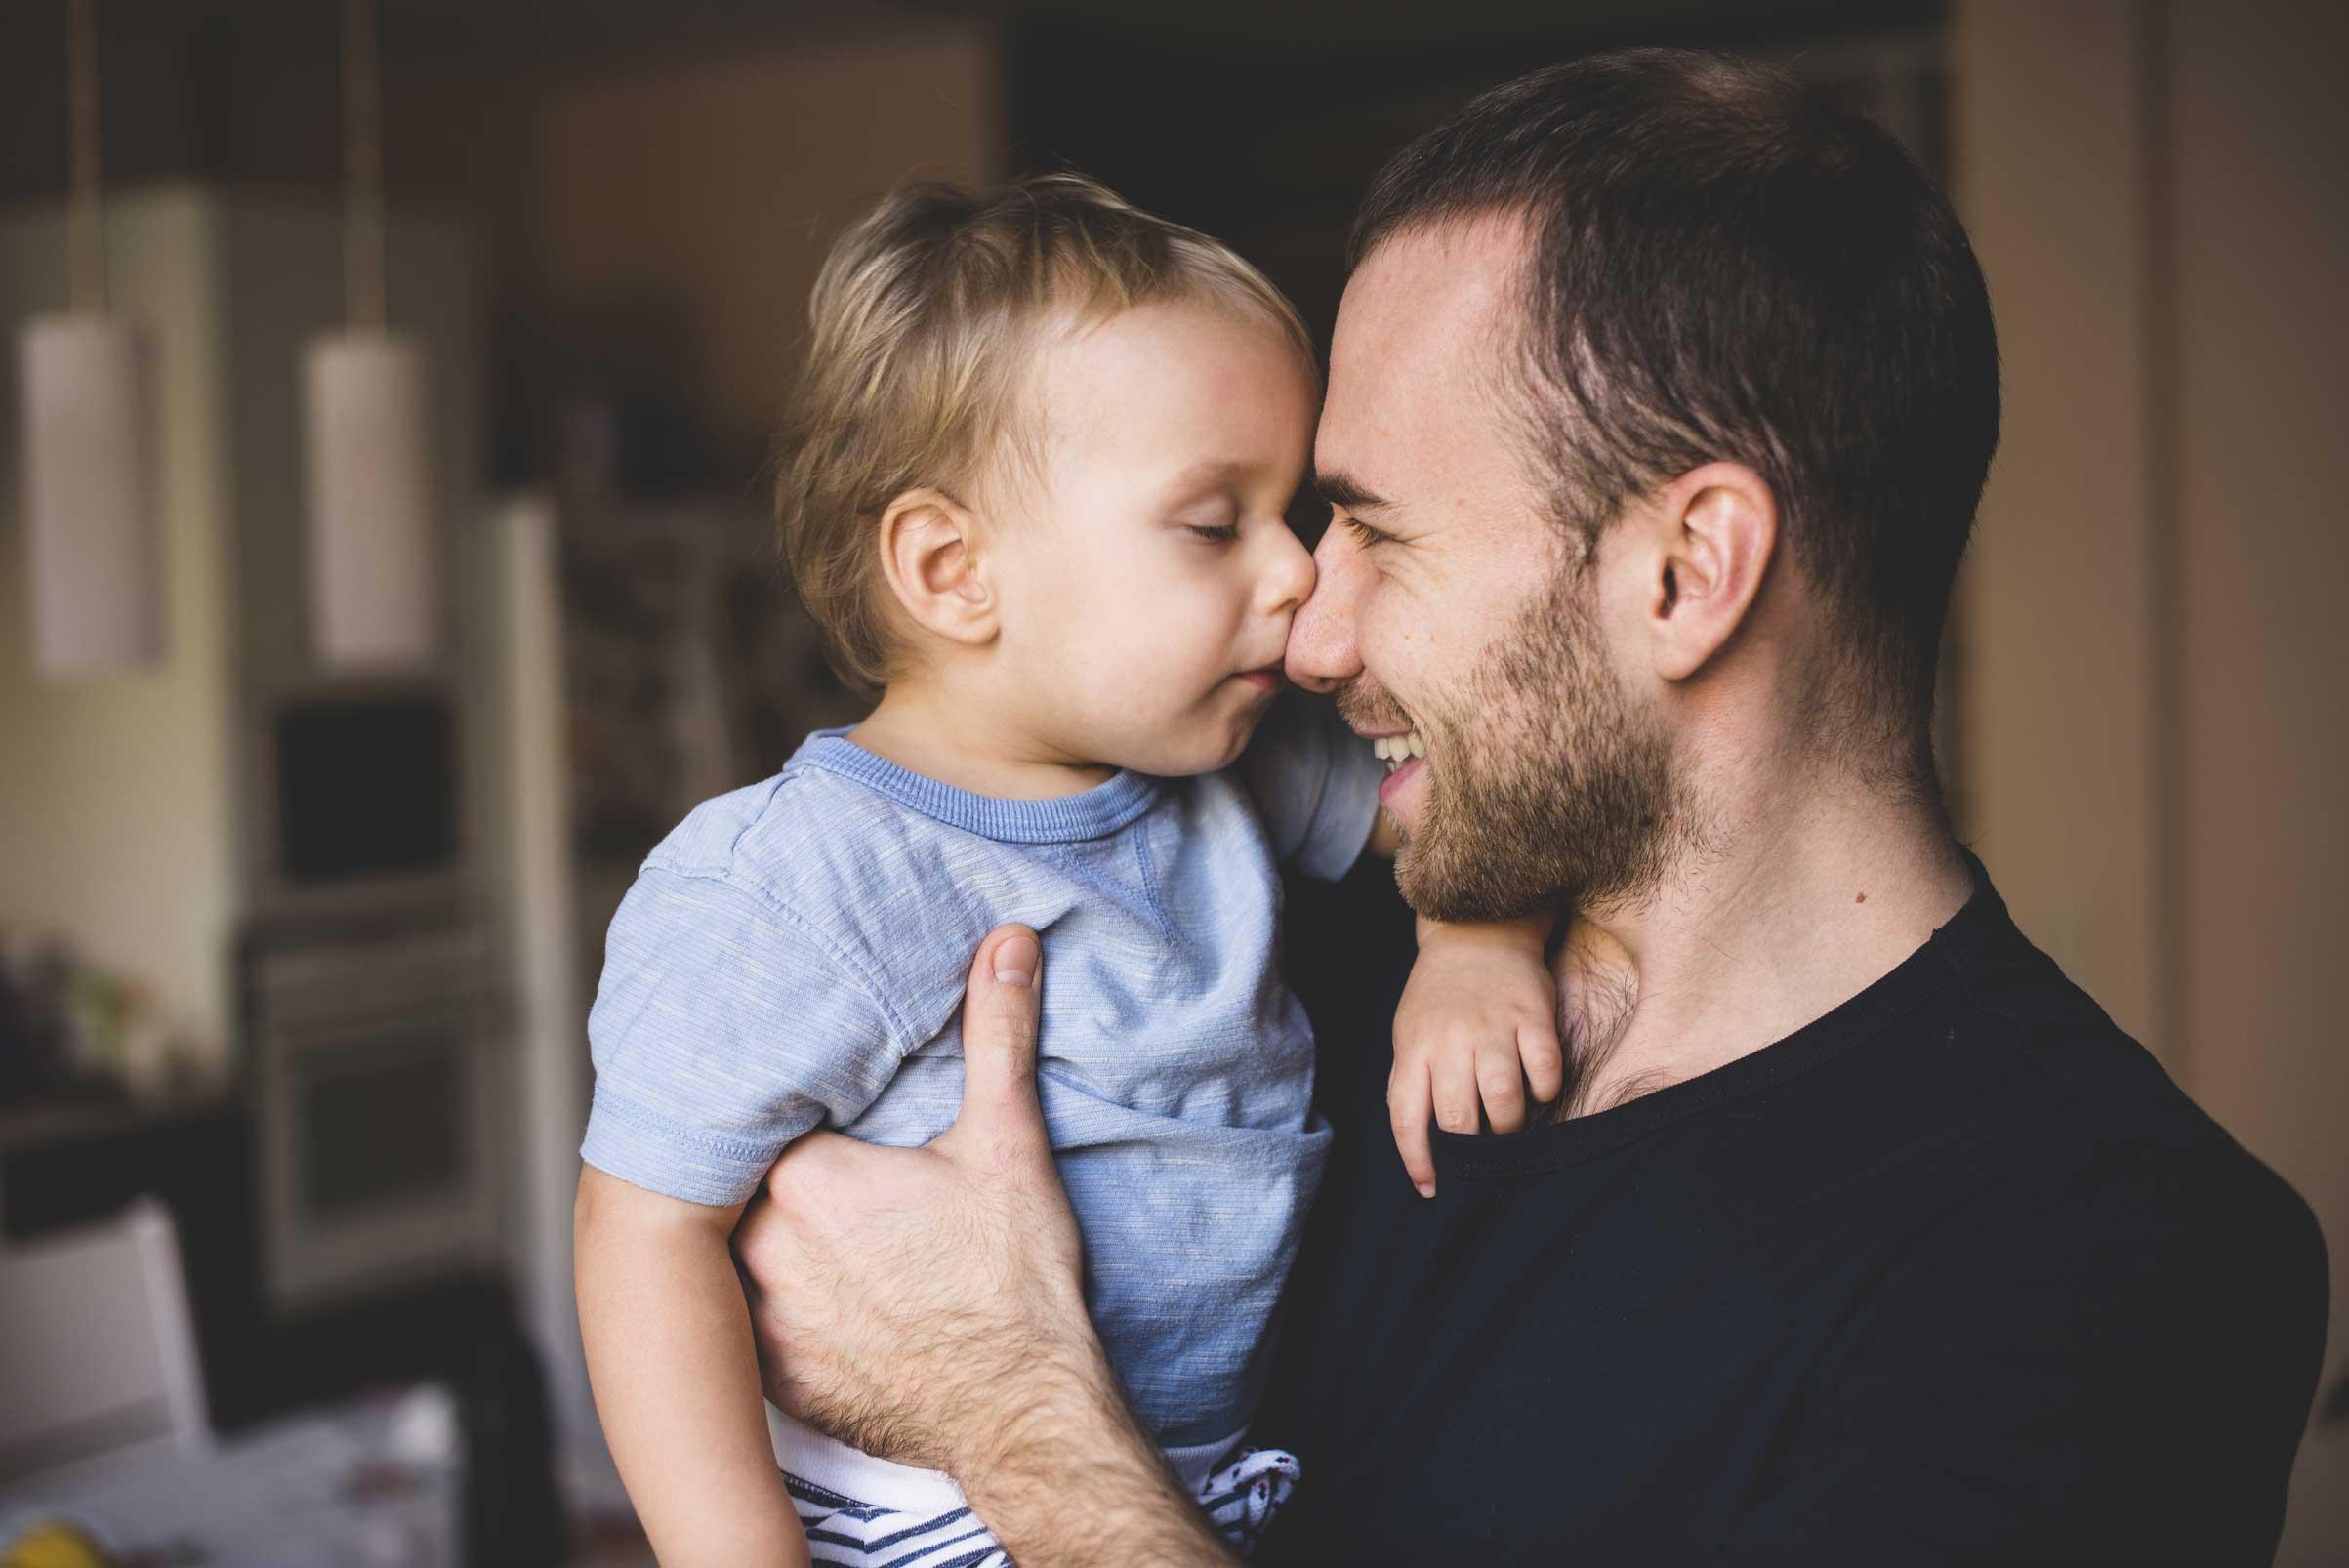 Les pères aiment passer du temps pour s'amuser avec leurs enfants